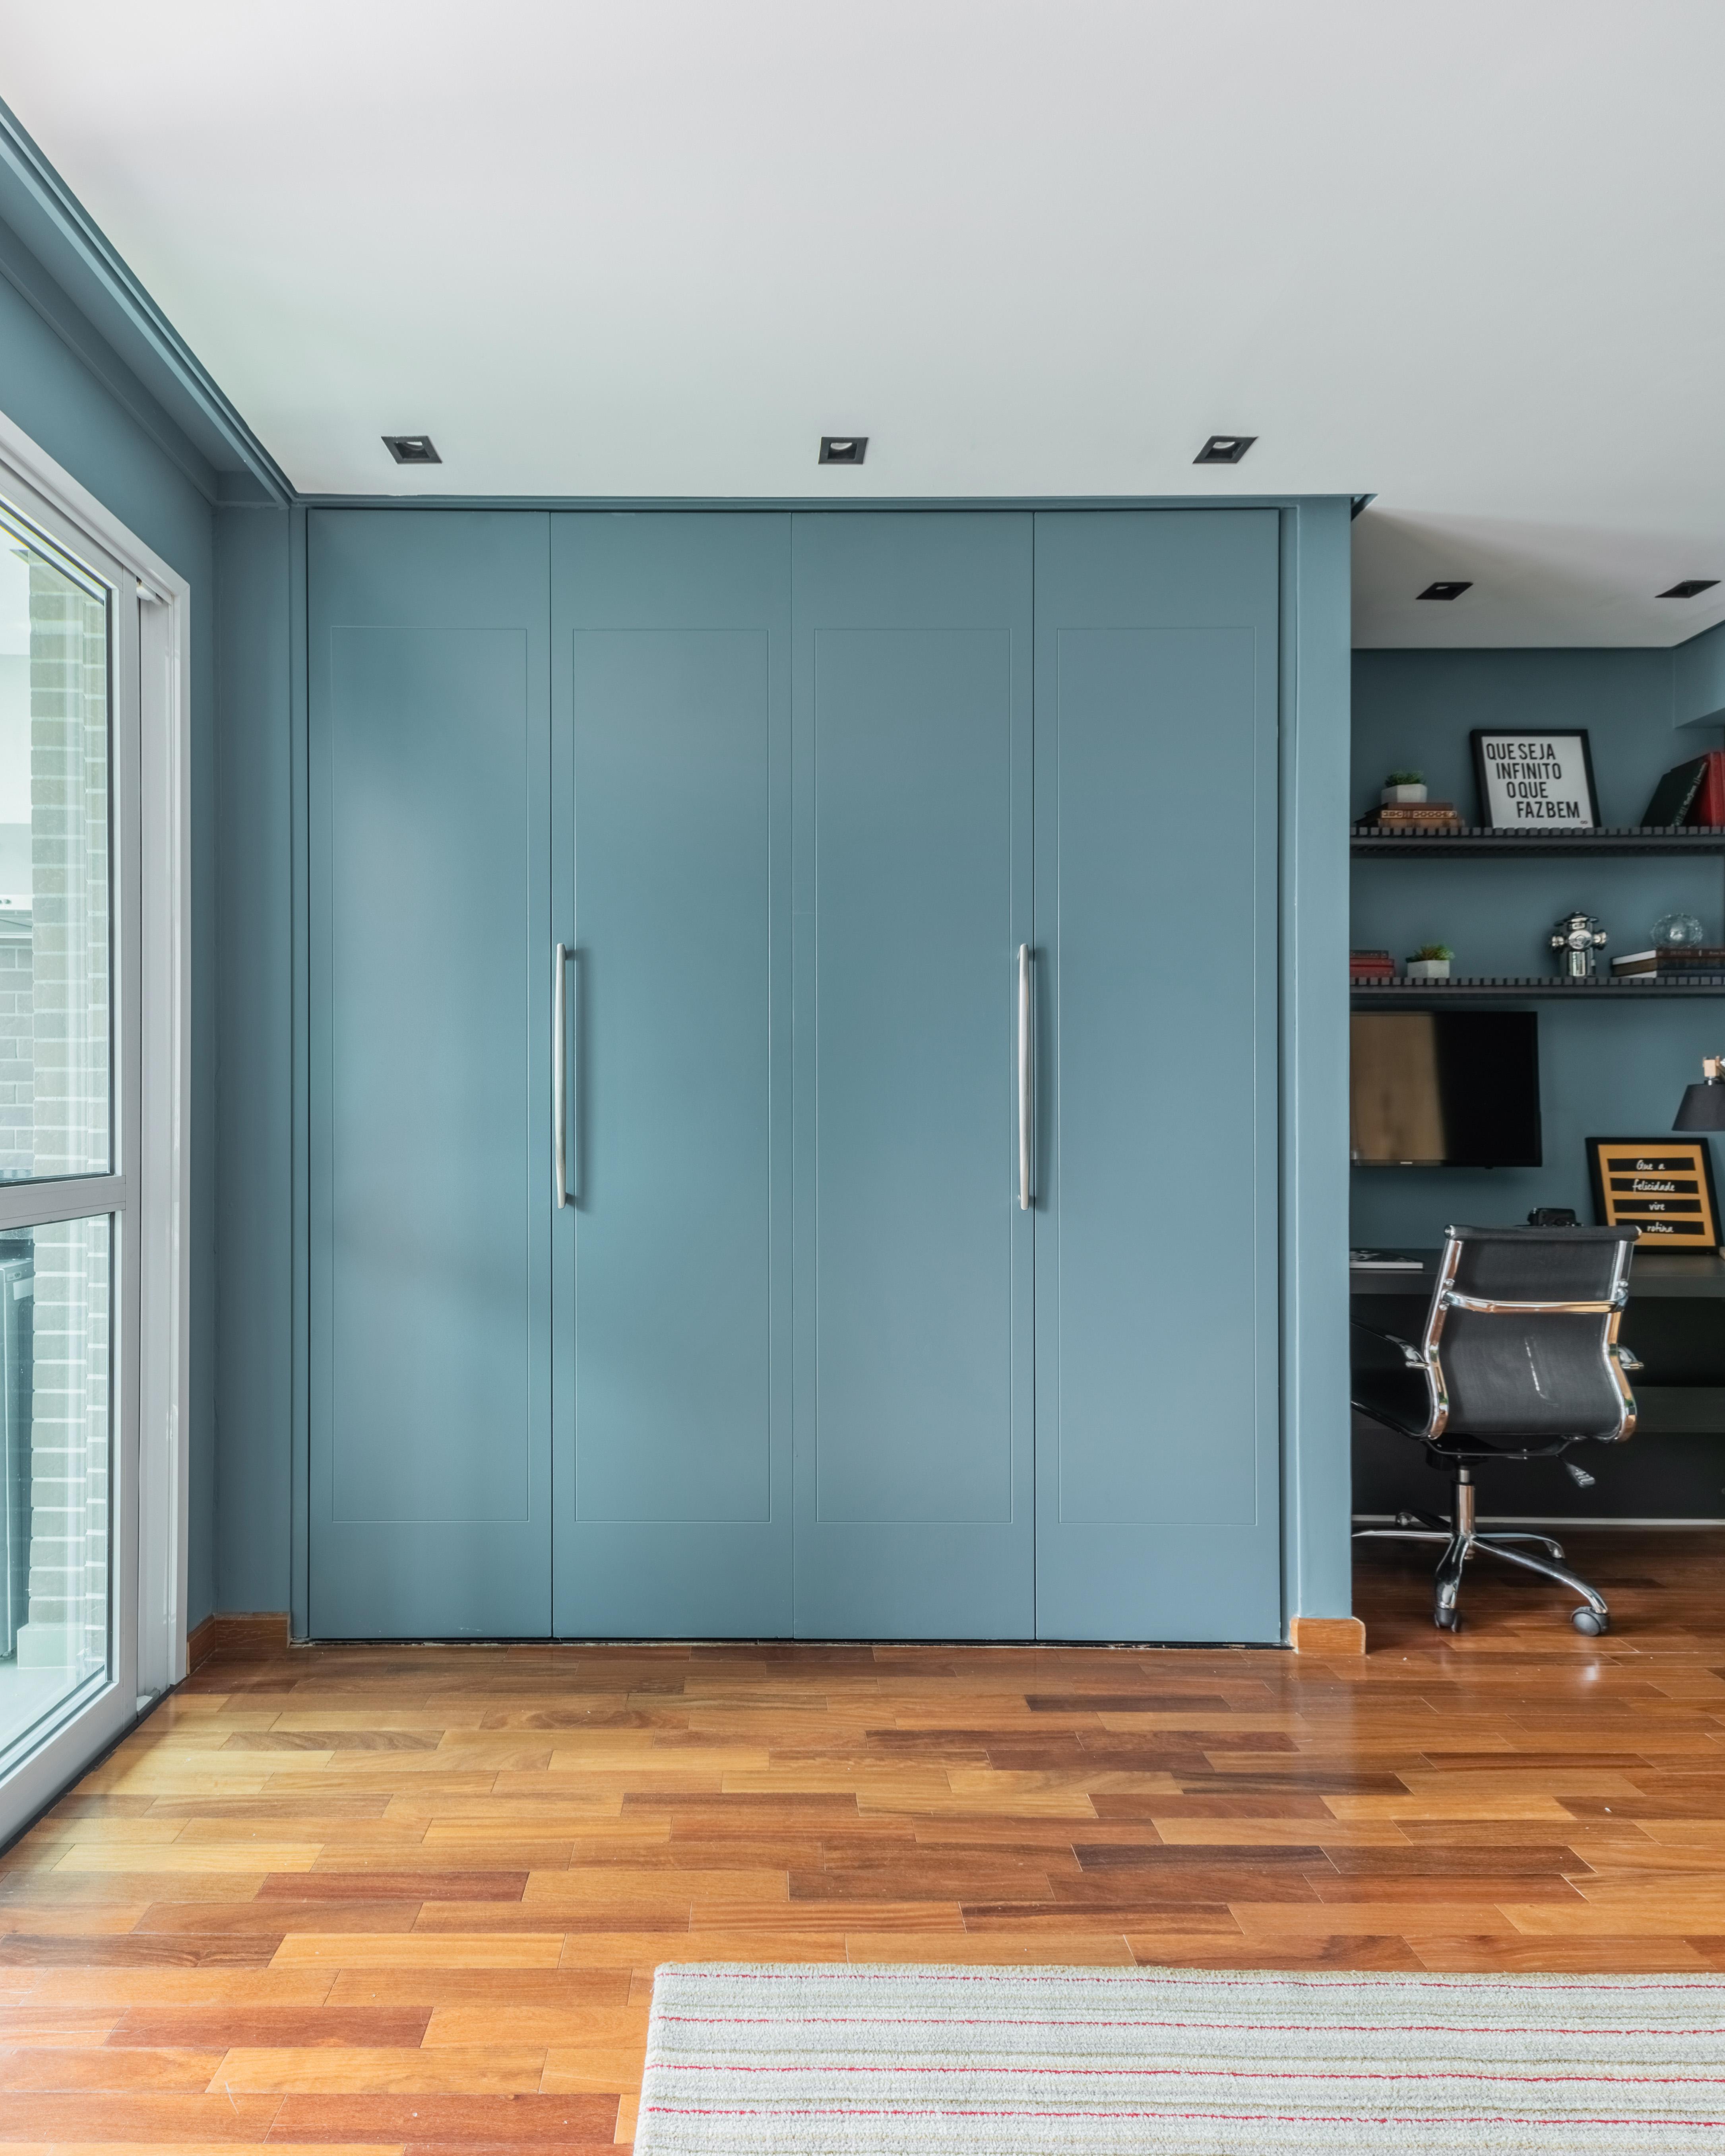 Efeito surpresa! As portas escondem a cozinha enxuta, porém completa, que pode ficar fechada nos momentos em que não é utilizada.